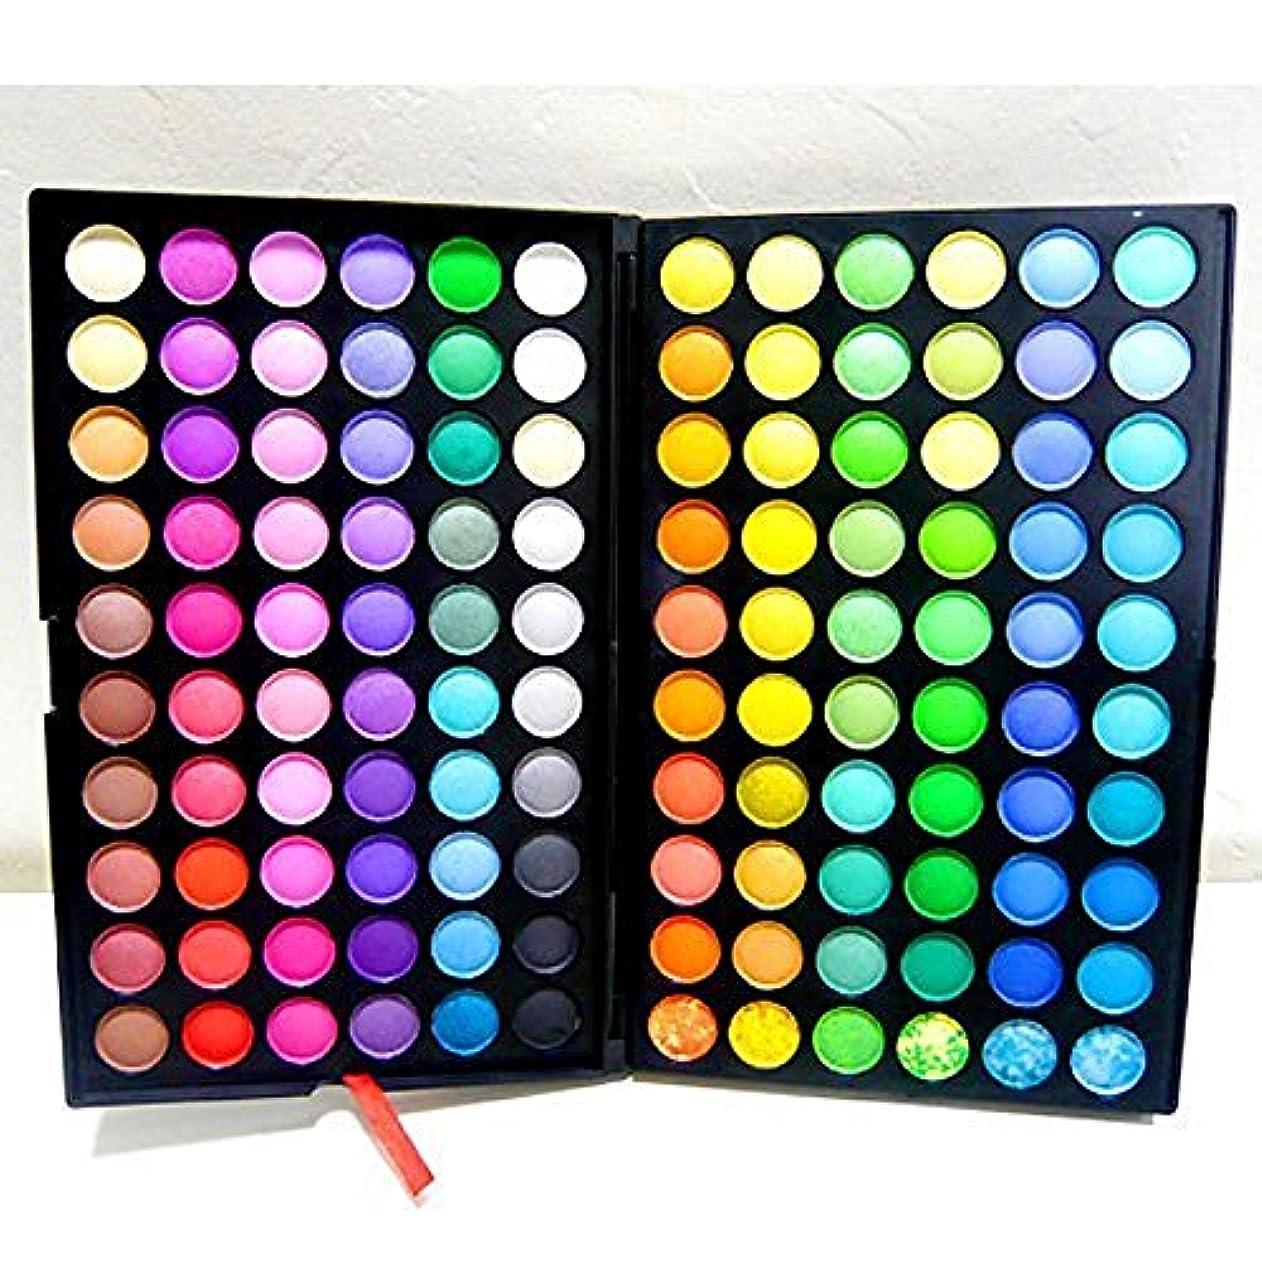 肝大騒ぎ再集計入荷しました【LuxuryRose】発色が素晴らしい!120カラーアイシャドウパレット